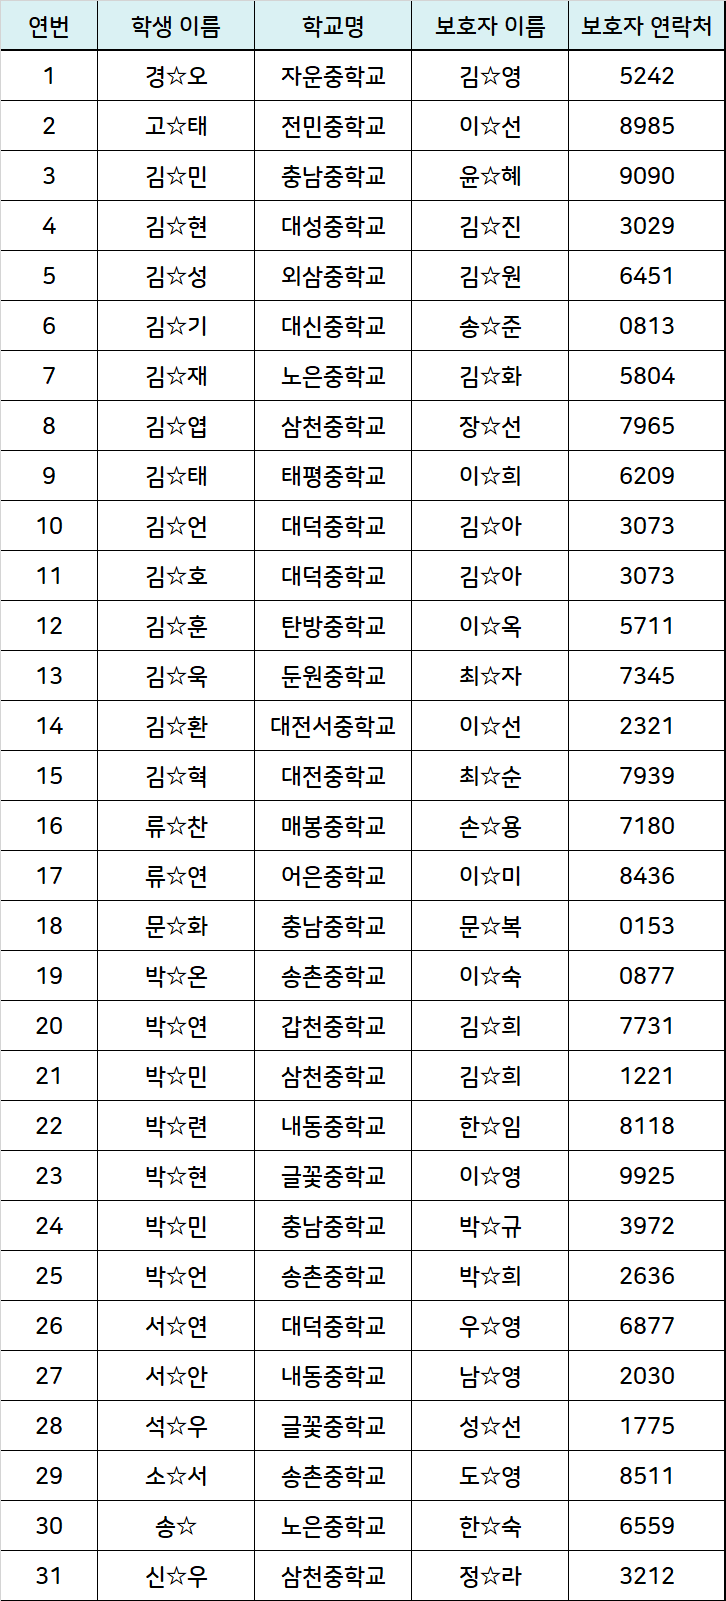 제1회중학생알고리즘경진대회예선참가자명단-1.png